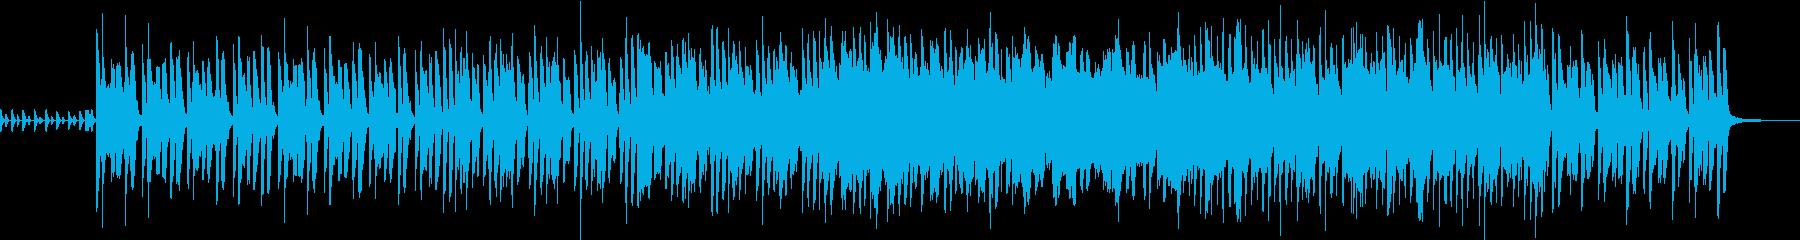 ウォーキング・スクワット ver.3の再生済みの波形